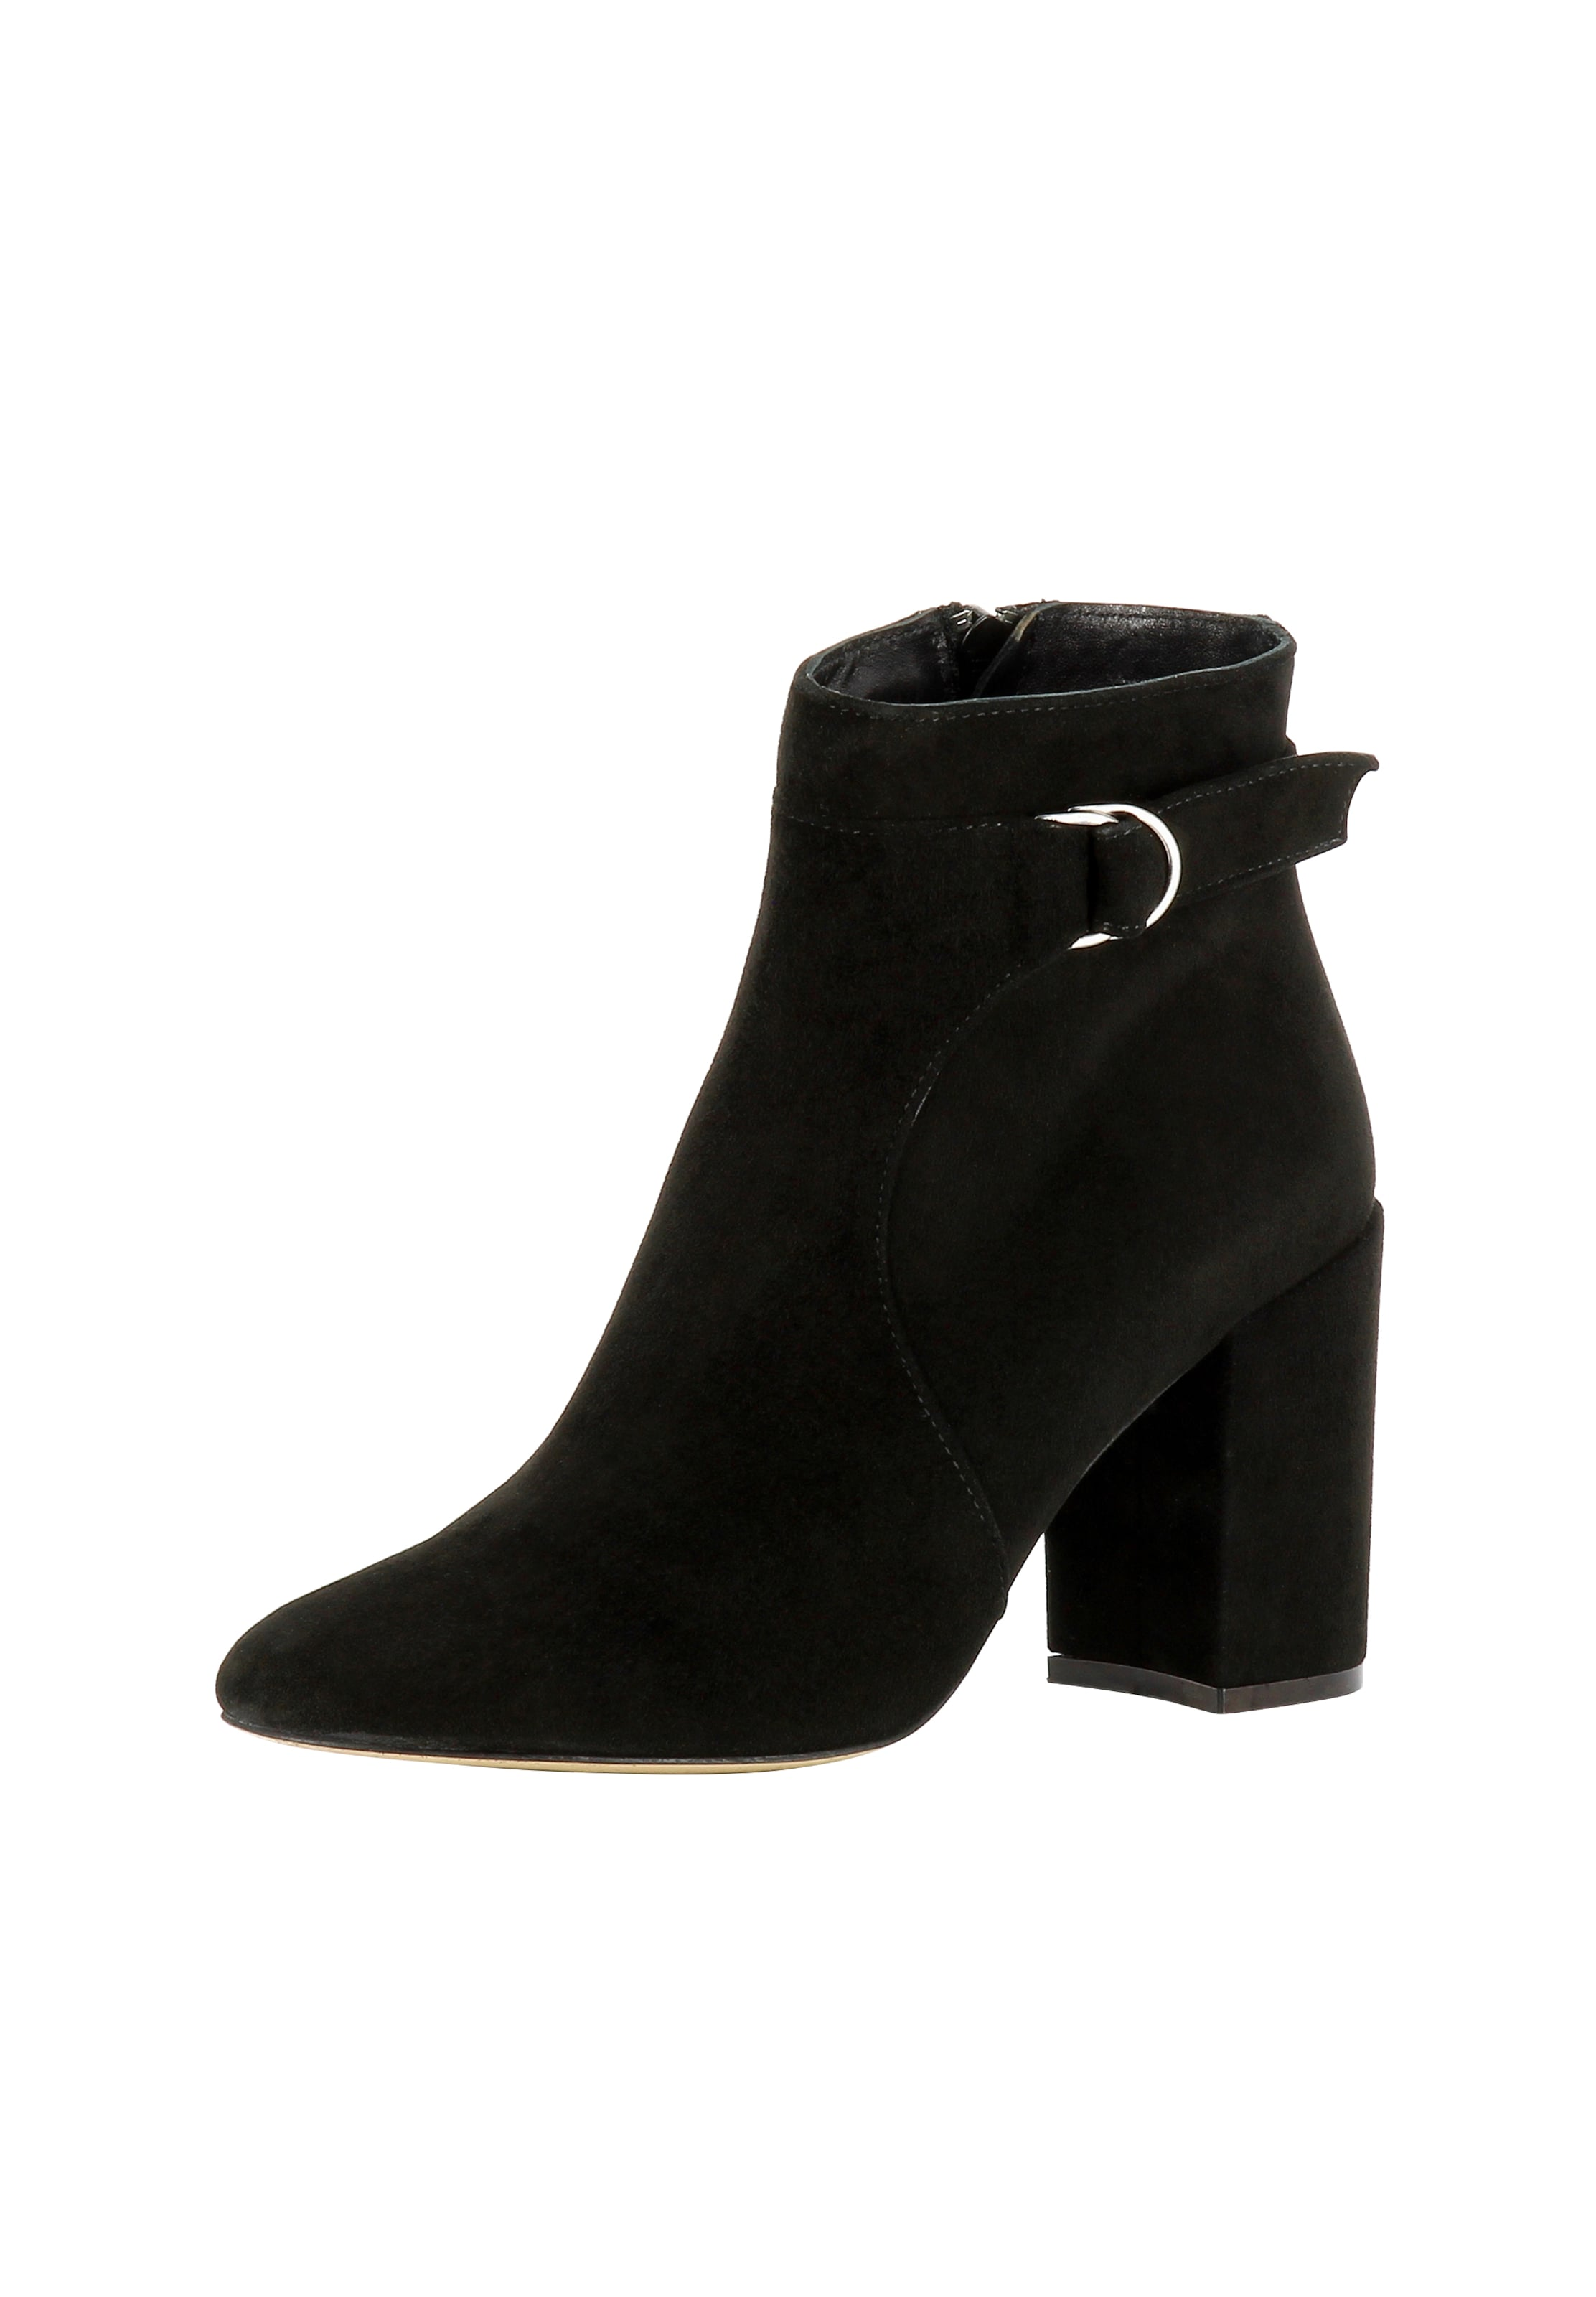 EVITA Damen Stiefelette TINA Günstige und langlebige Schuhe